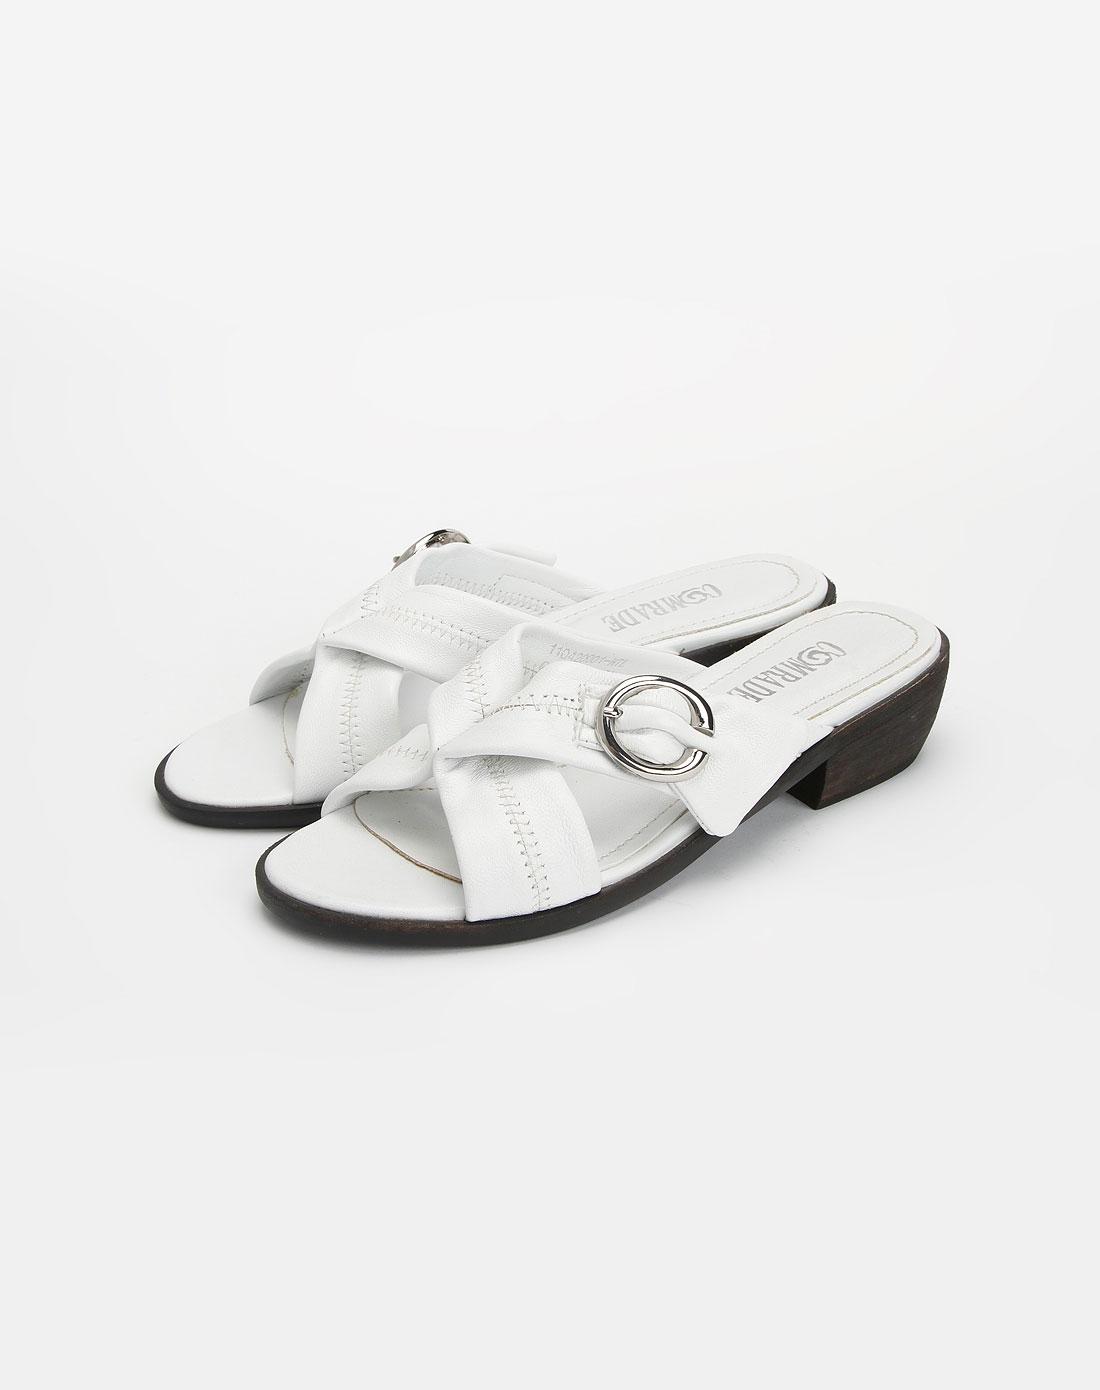 康莉comely女款头层白色绵羊皮圆头拖鞋110420001wtl